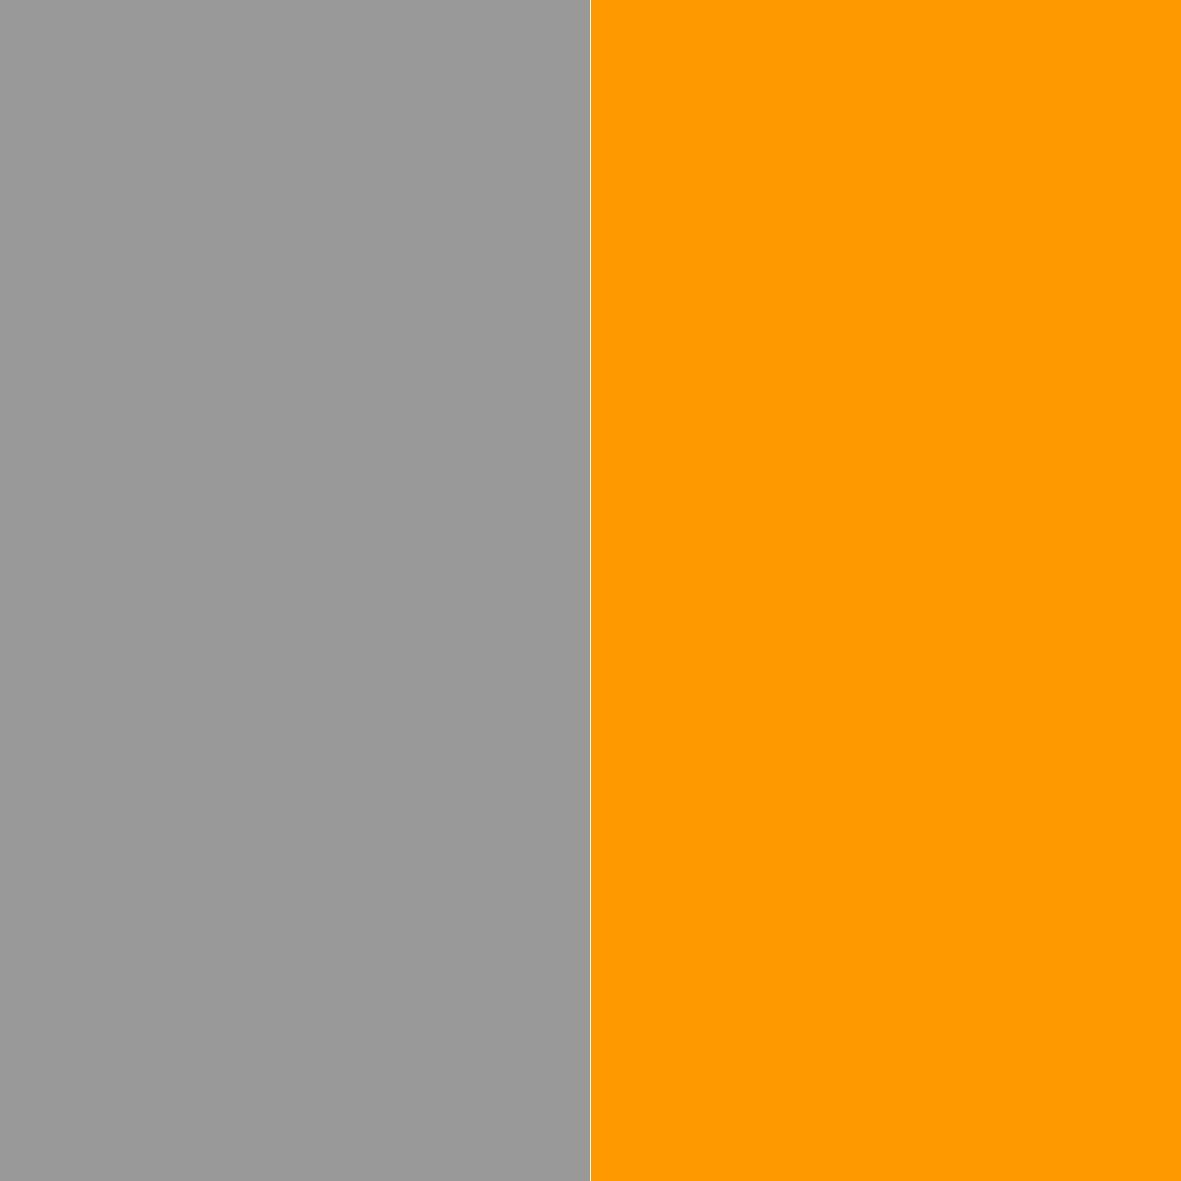 серый/оранжевый_999999/FF9900